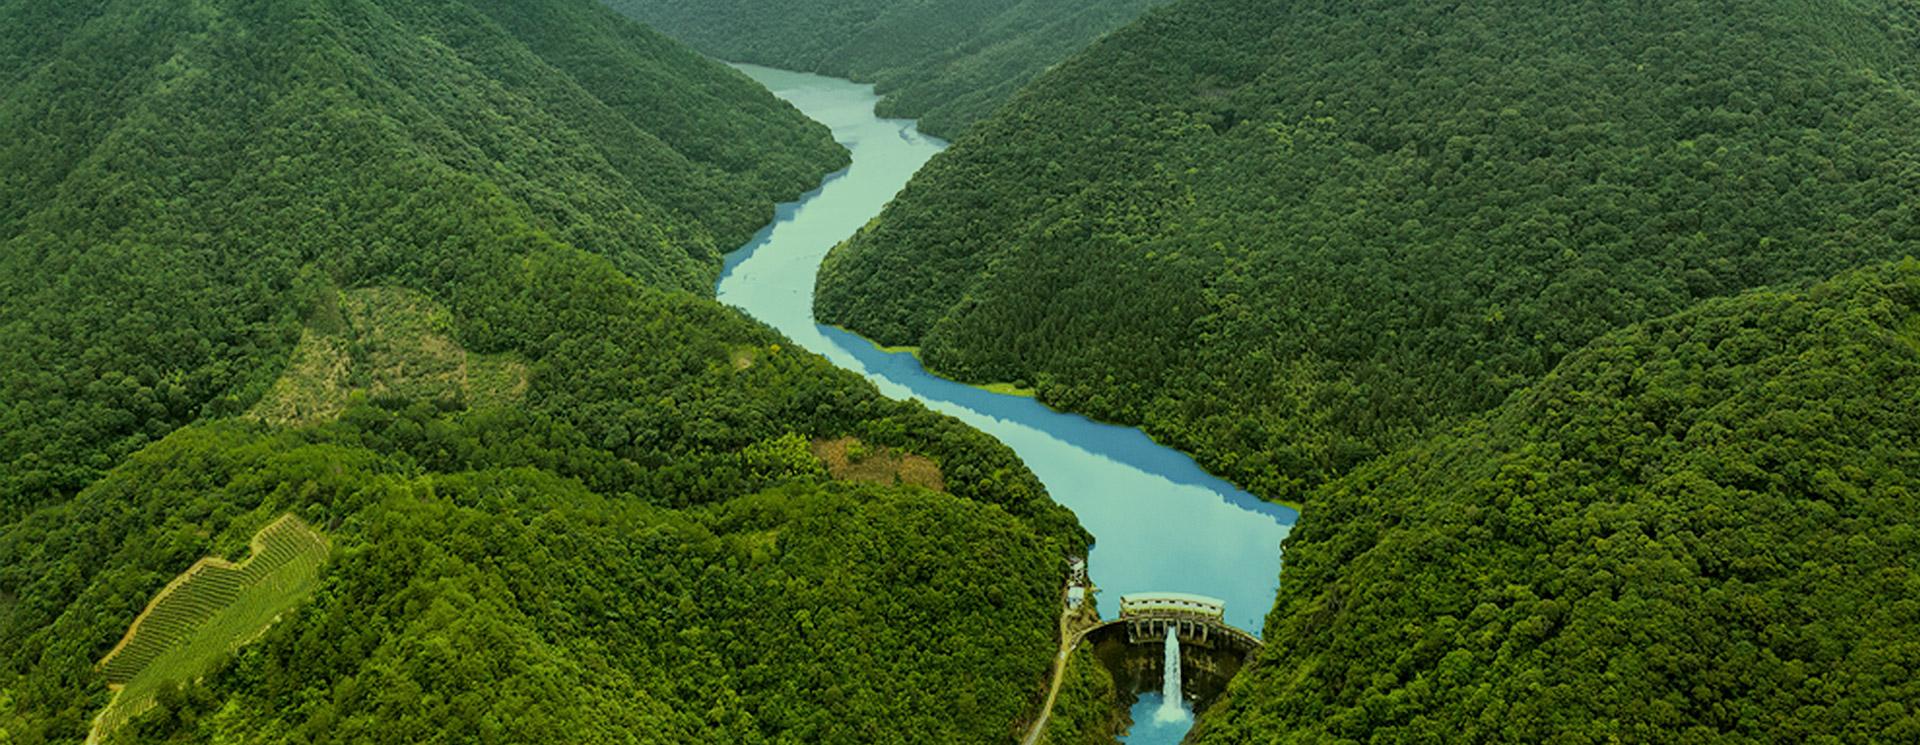 漳平市九鹏溪生态旅游发展有限公司